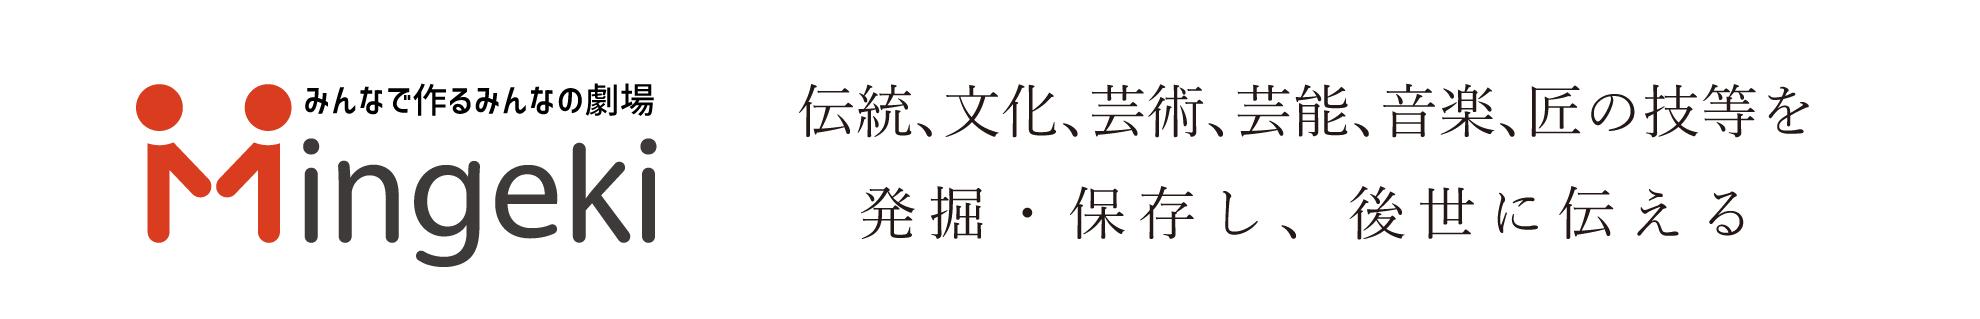 Mingeki 伝統・文化・芸術・芸能・匠の技等を発掘・保存し、後世に伝える